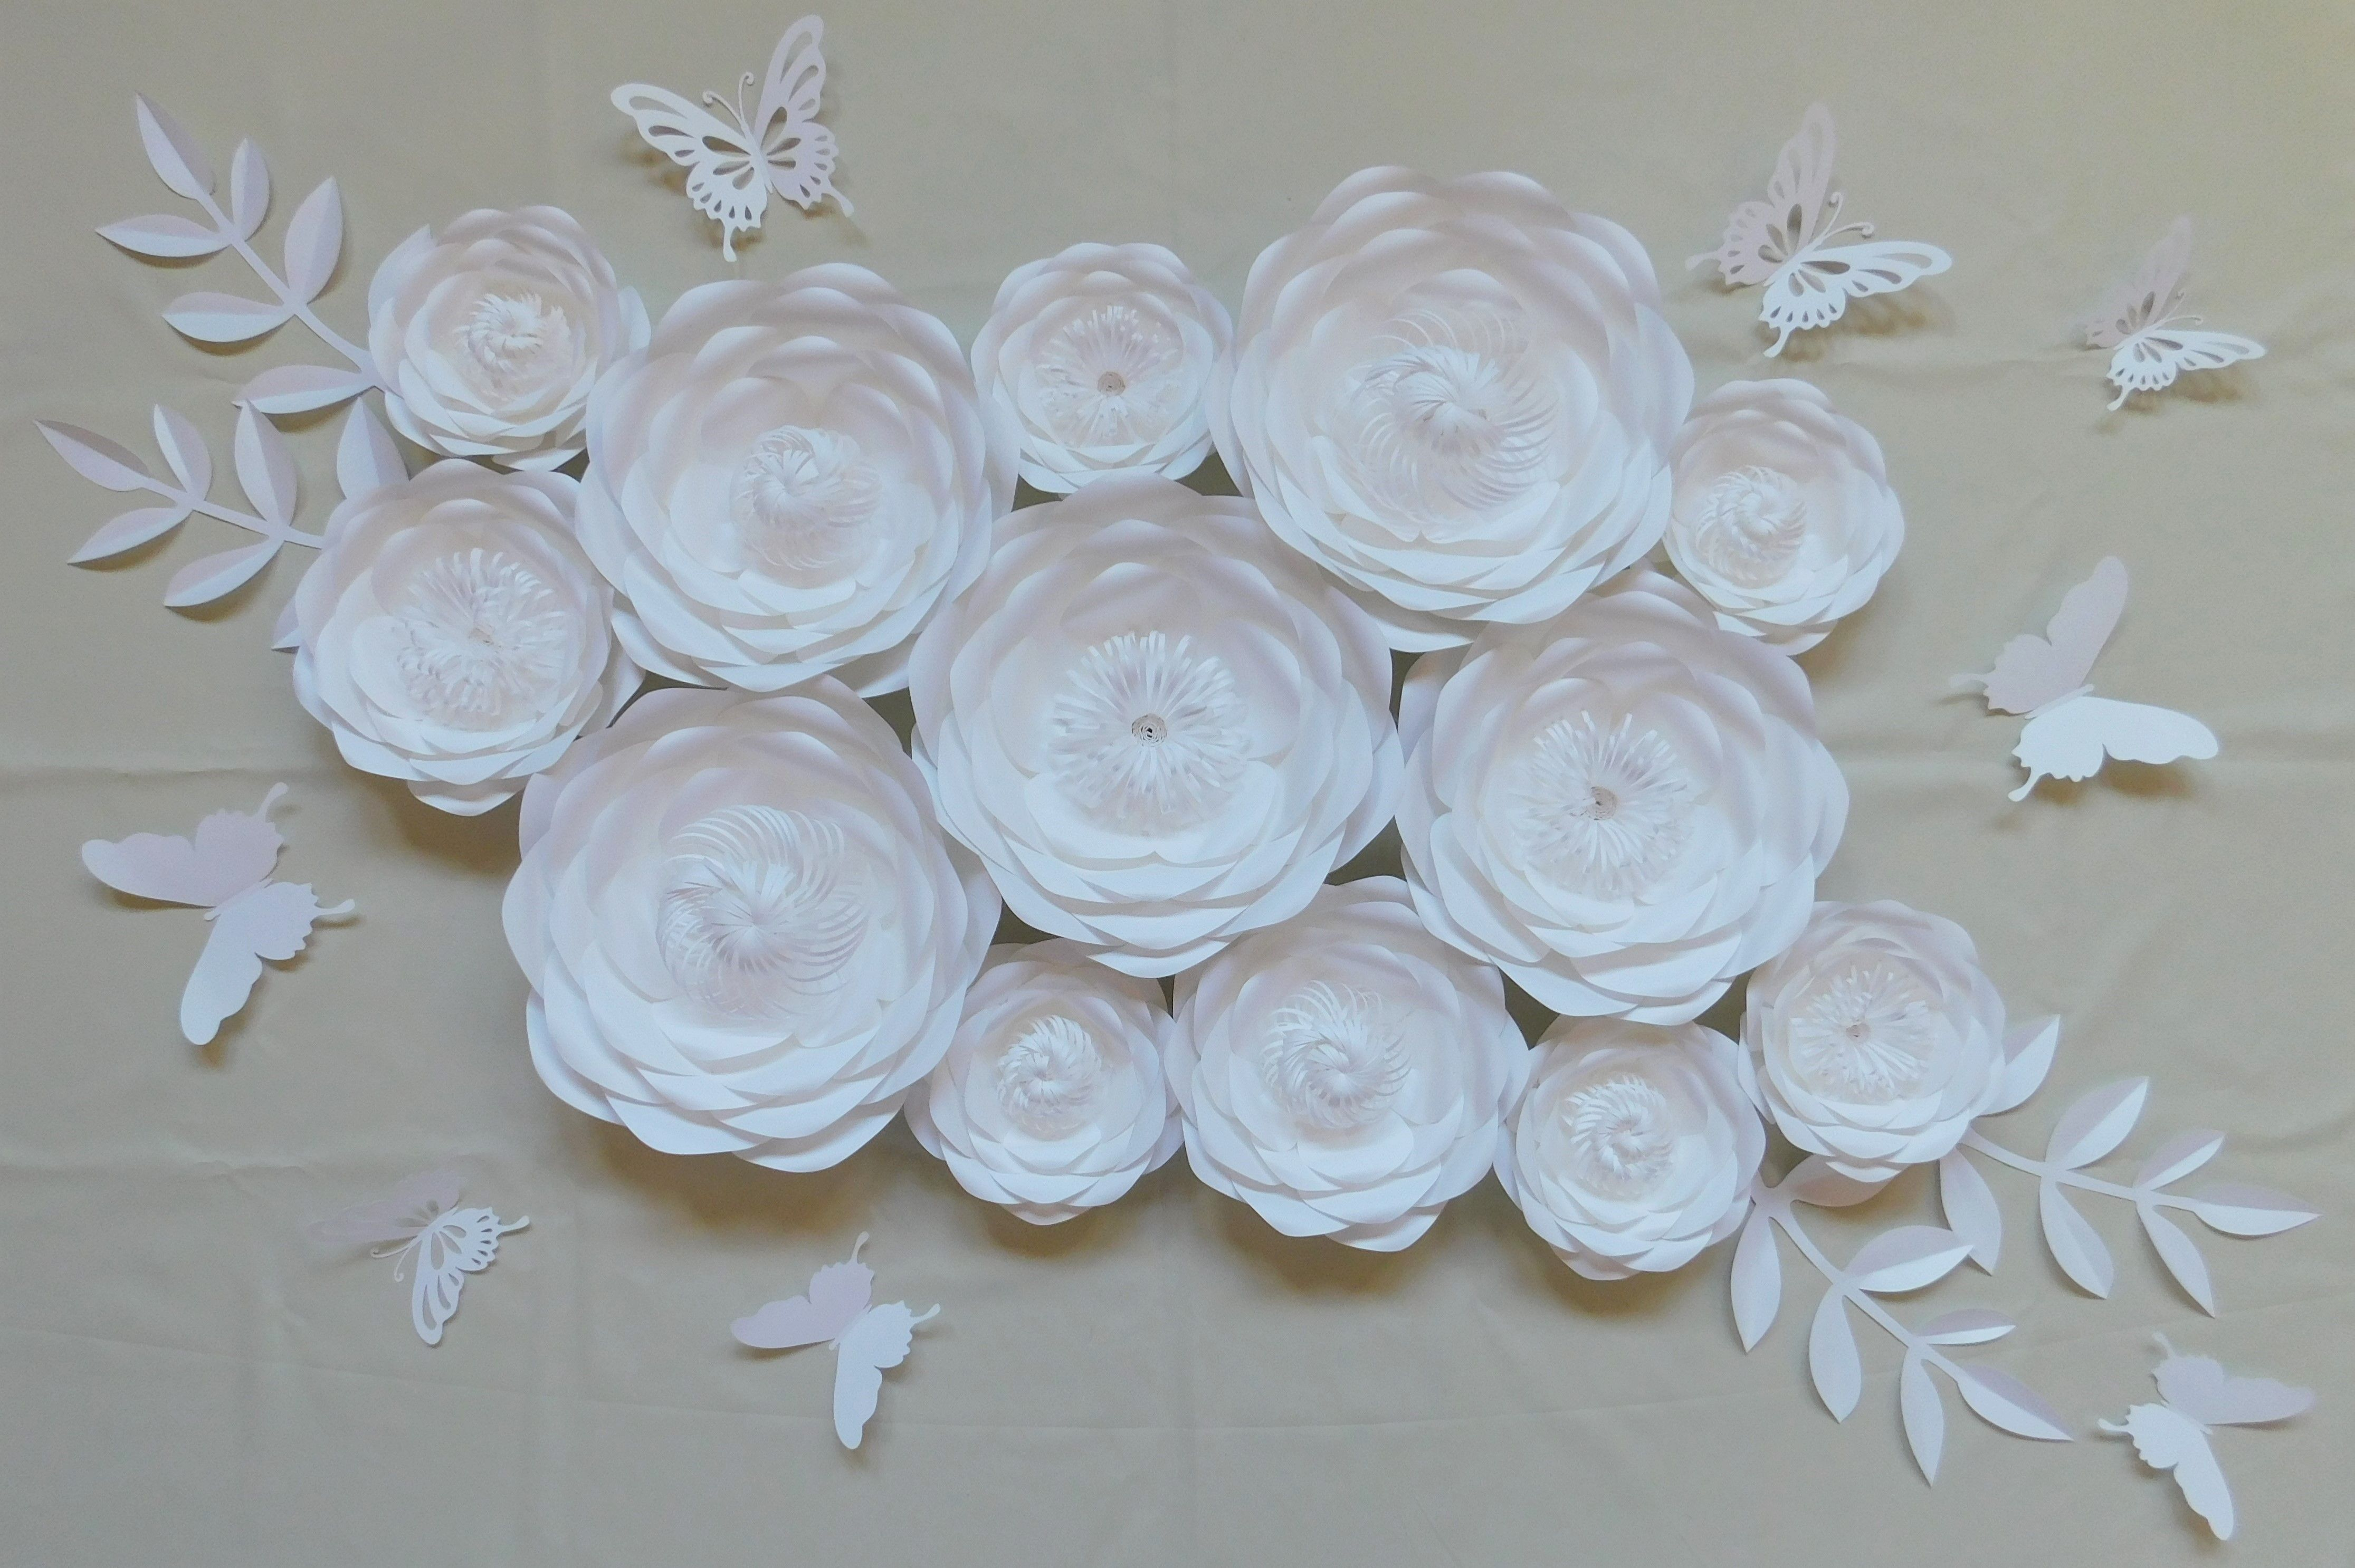 Paper Flowers Kwiaty Z Papieru Kwiaty Chanel Paper Flowers Wall Paper Flower Wall Paper Flowers Flower Backdrop